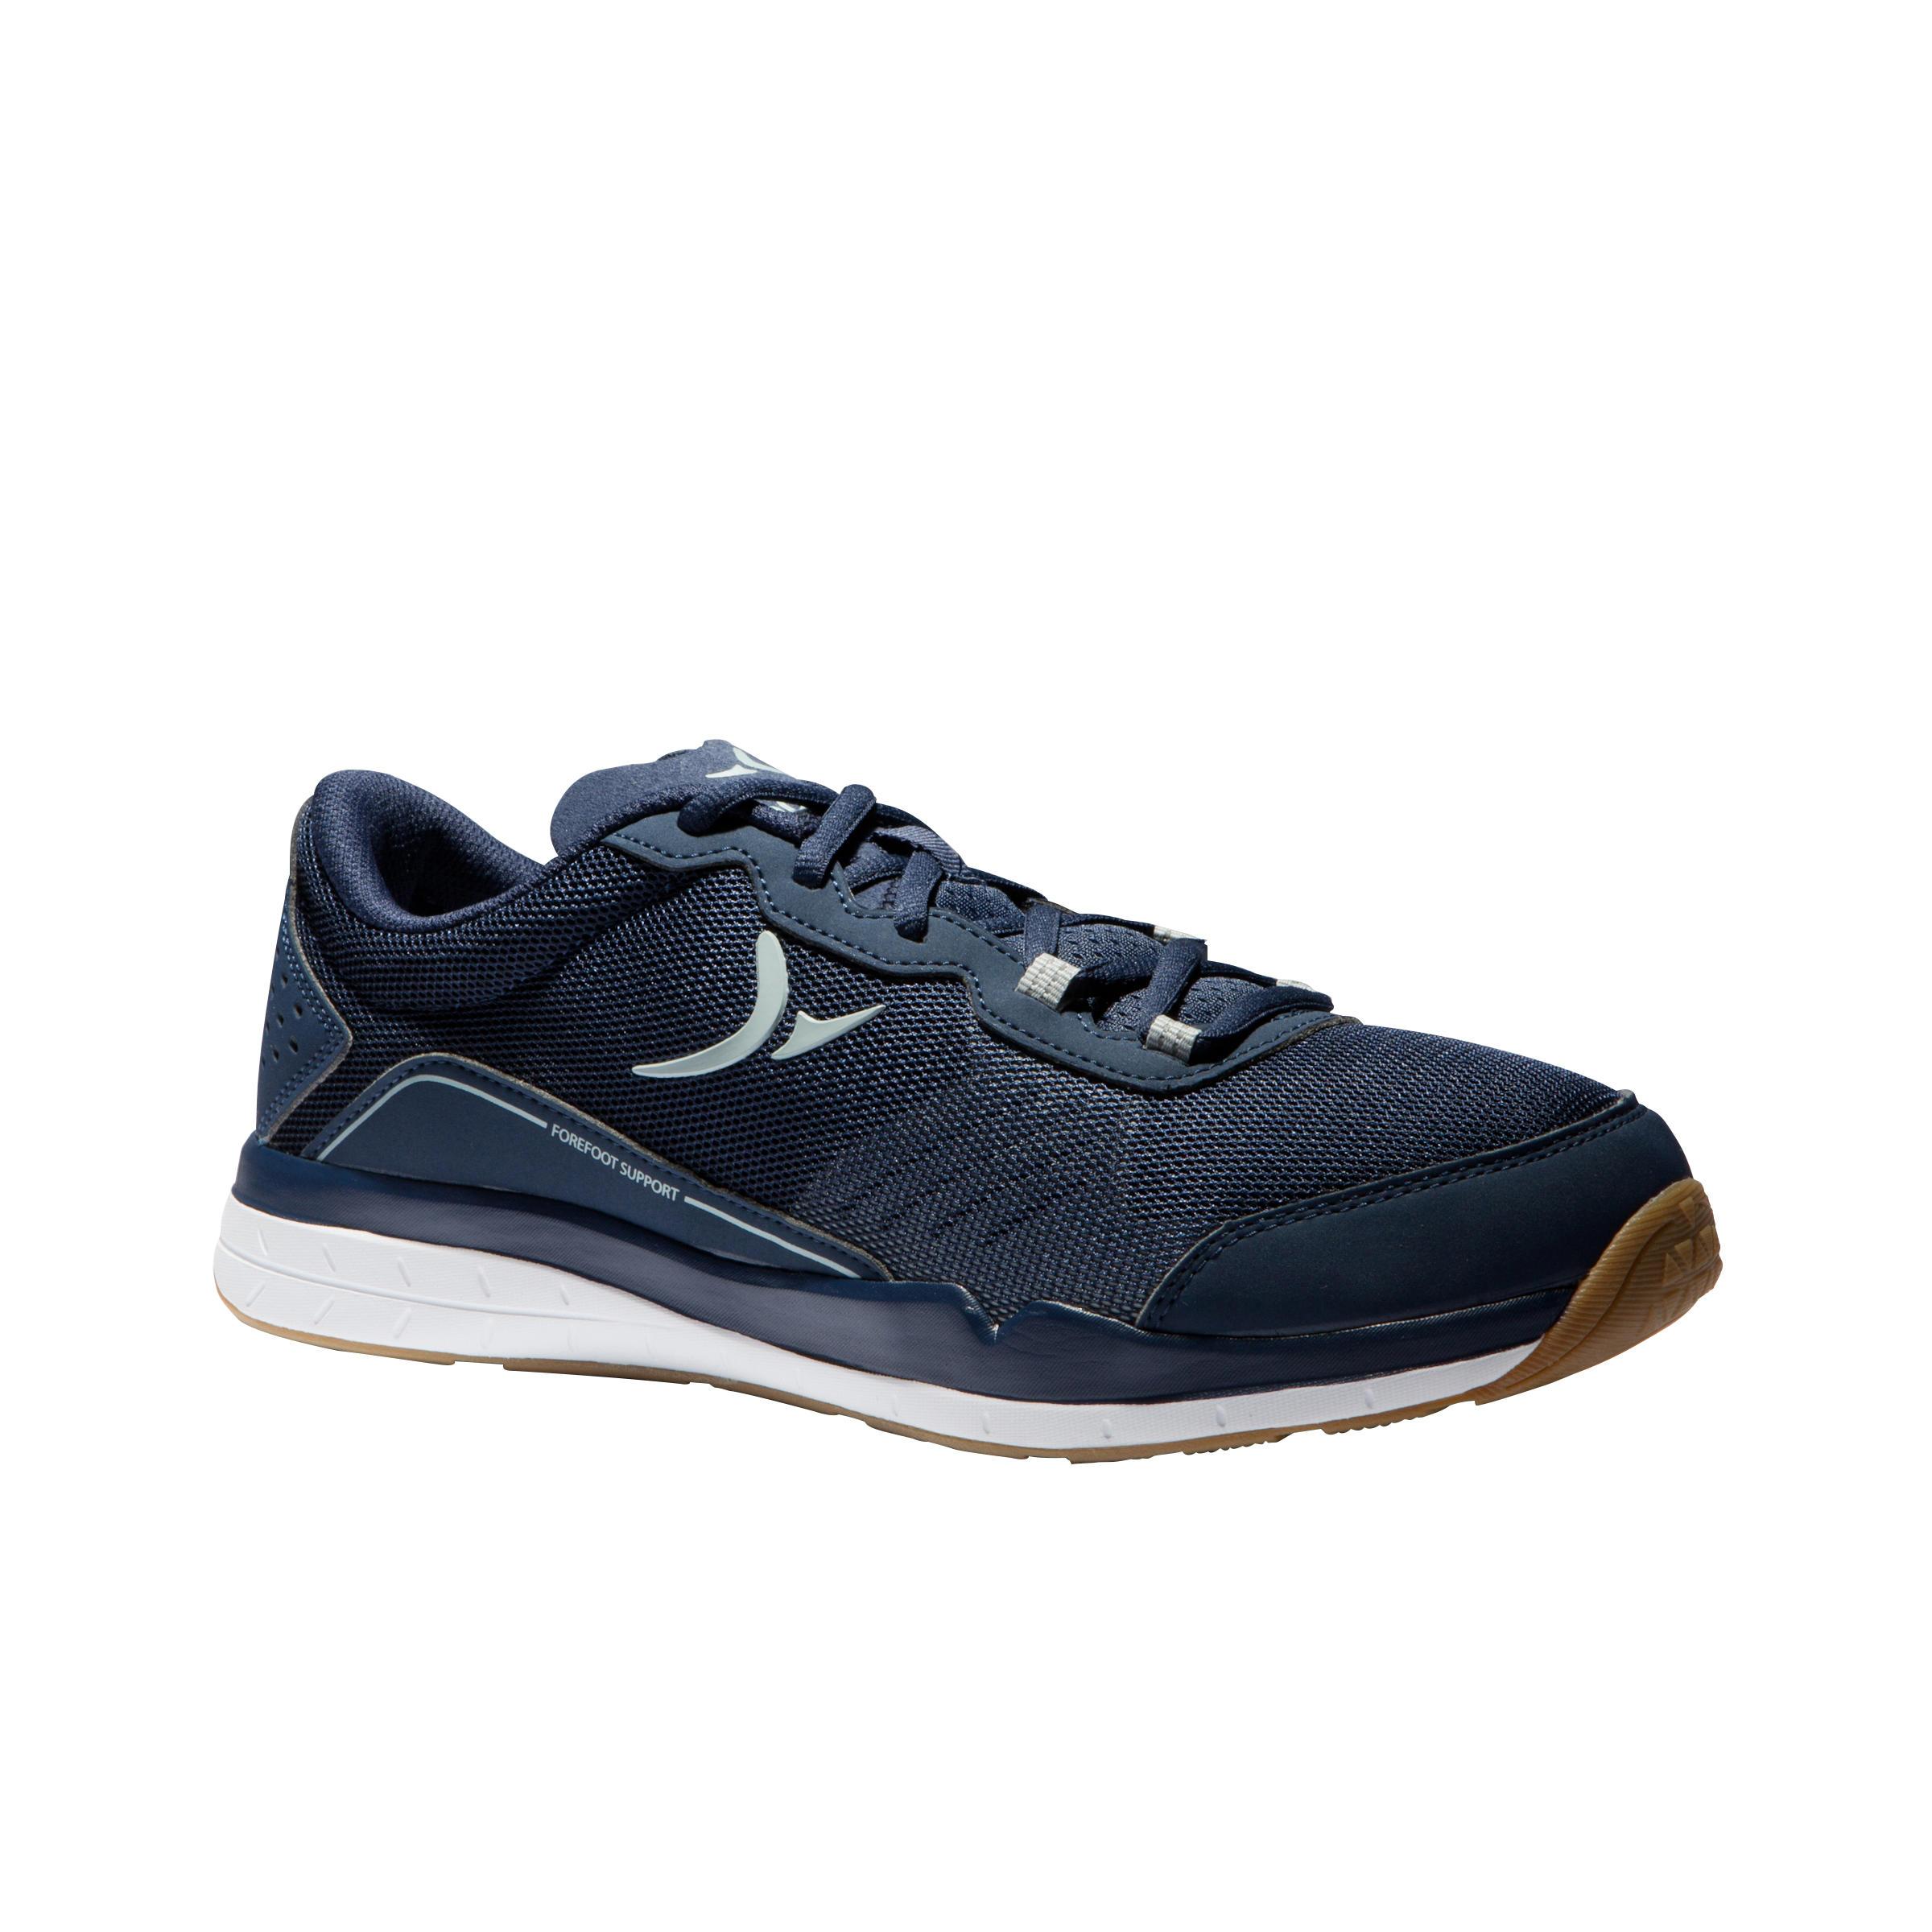 23a8617c8cc9a8 Fitnessschuhe Cardio 500 Herren blau grau